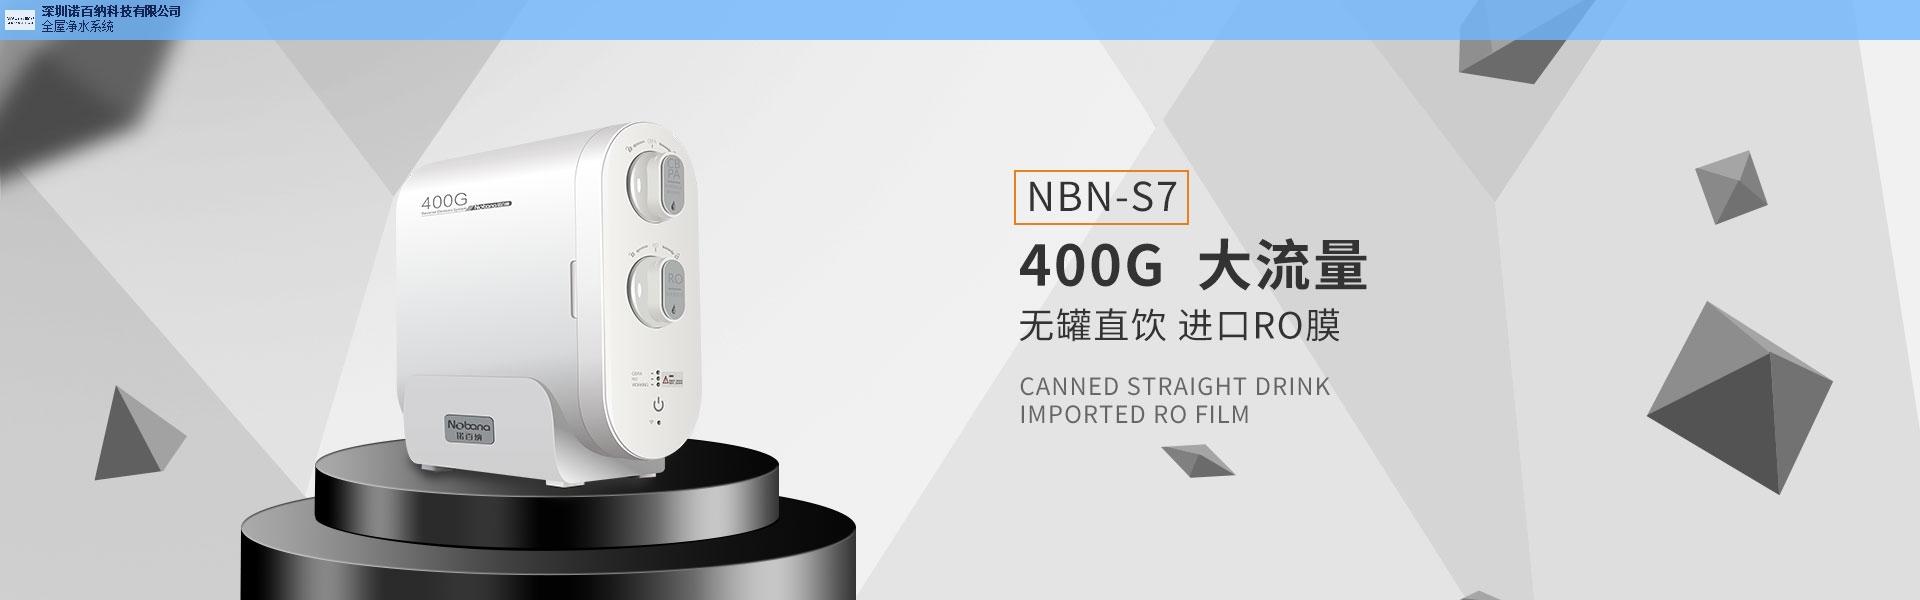 安之星净水器加盟市场政策「深圳市诺百纳科技供应」